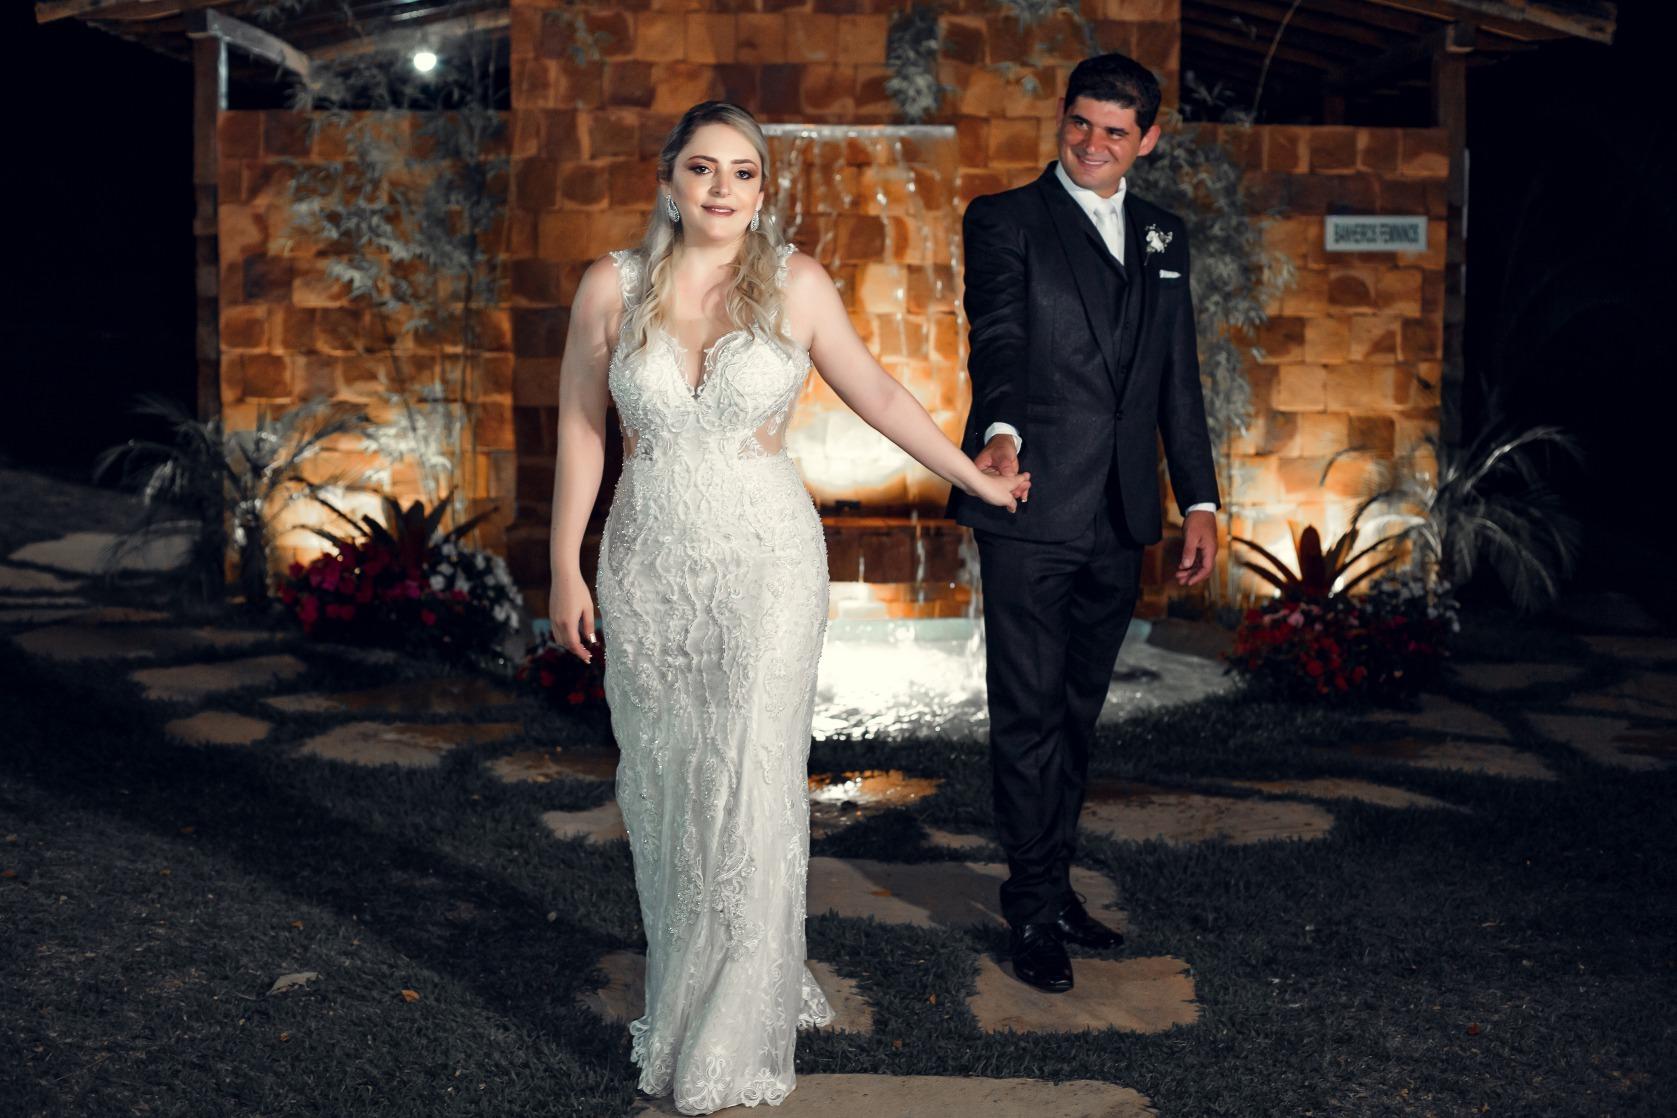 casamento em Itaúna - Daliana e José Eduardo - Zephora Alta Costura - Foto Demétrio Laurentys